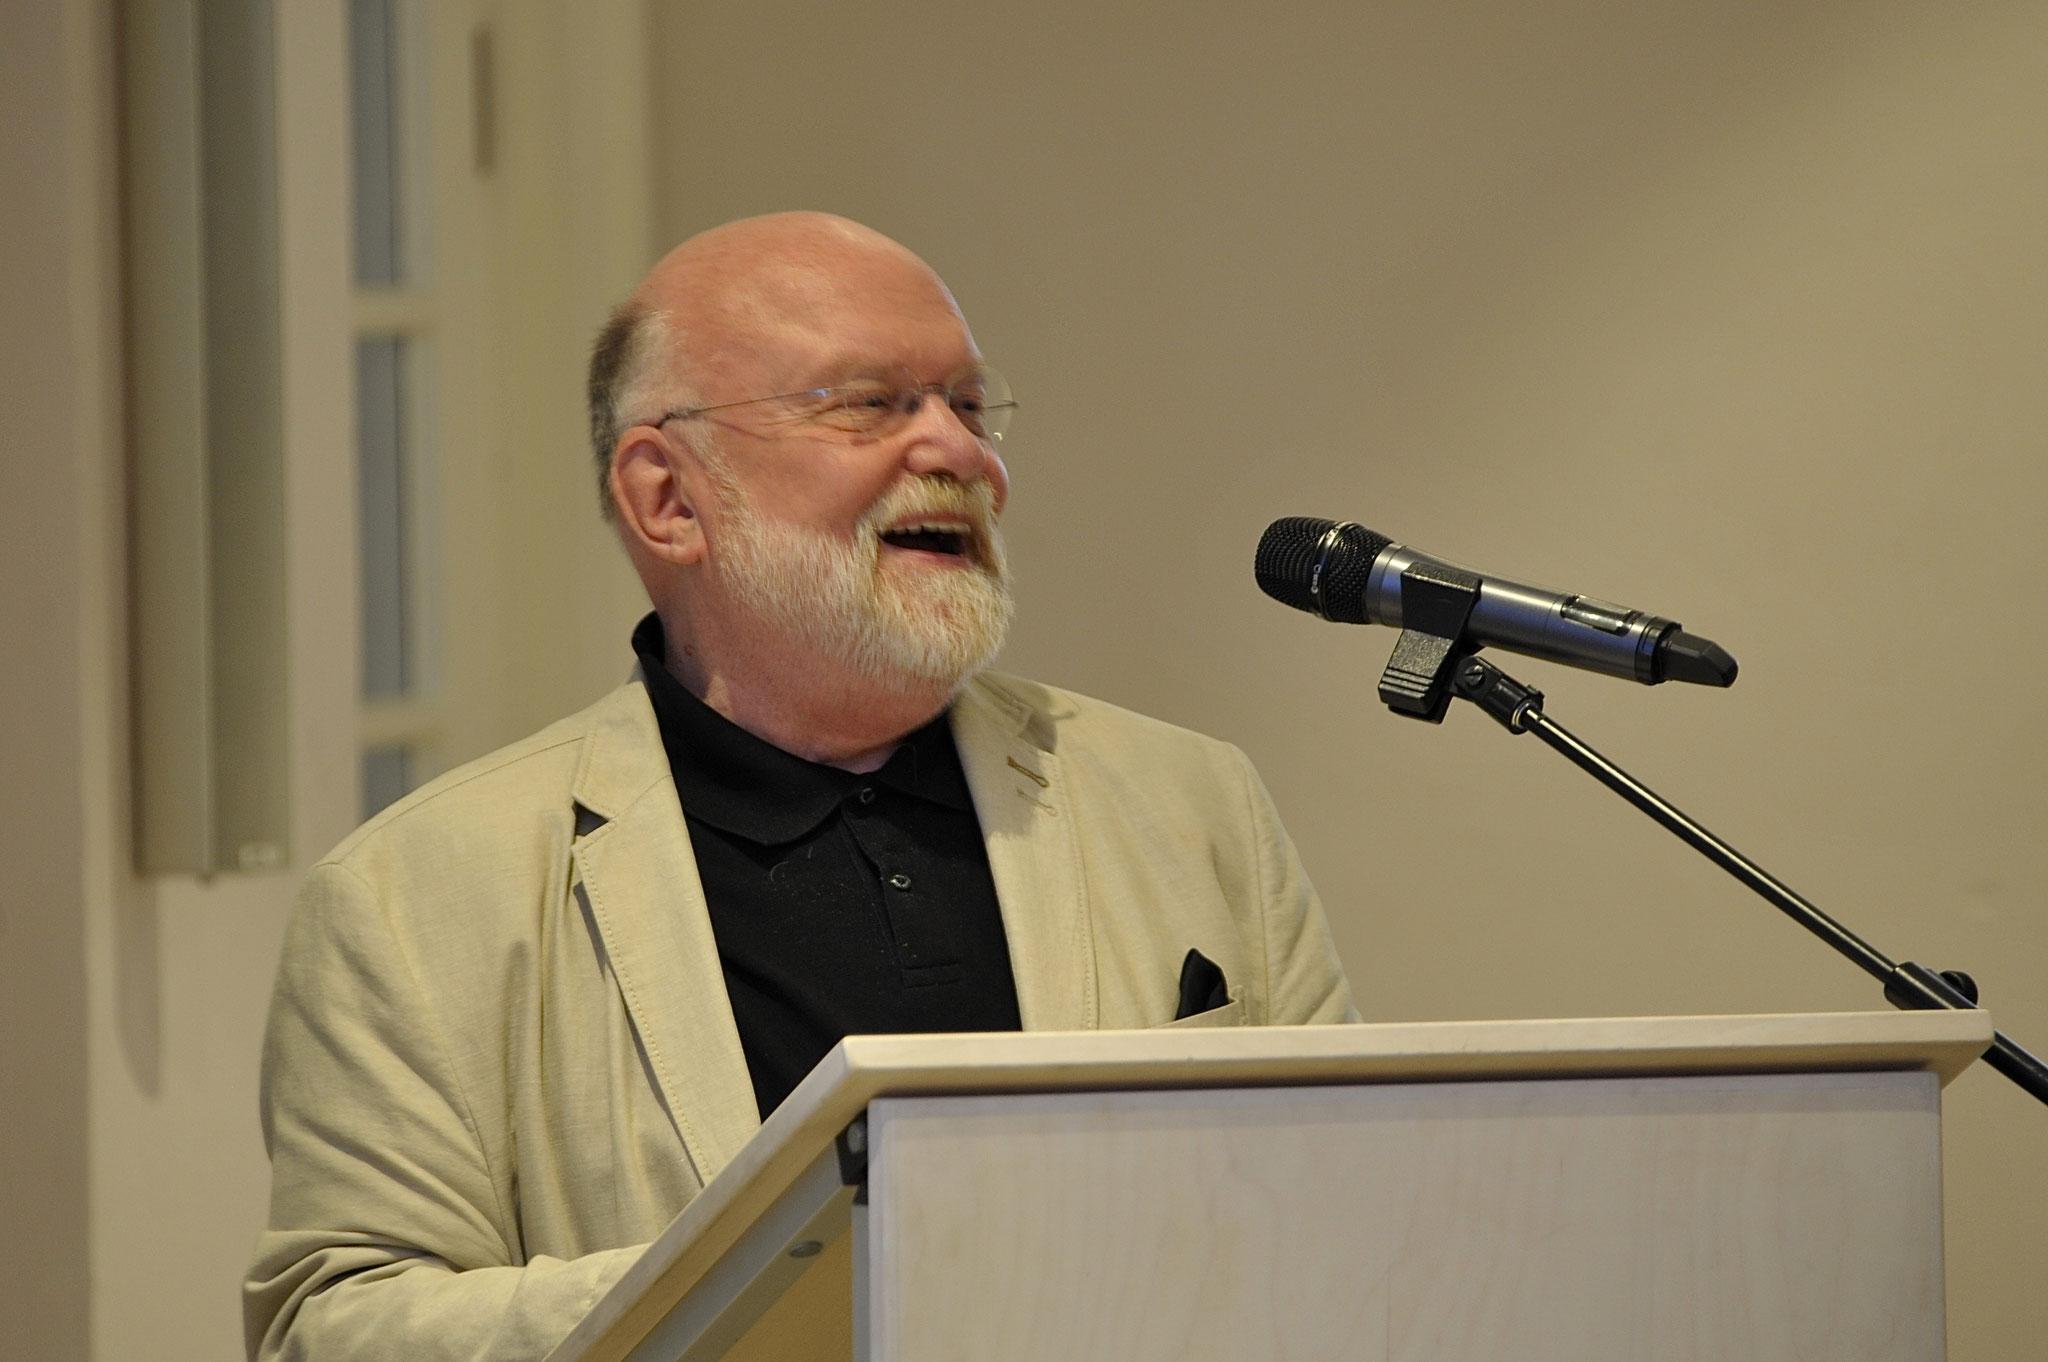 Dank des ausscheidenden Vorstandsvorsitzenden der Stiftung, Reinhold Fahlbusch